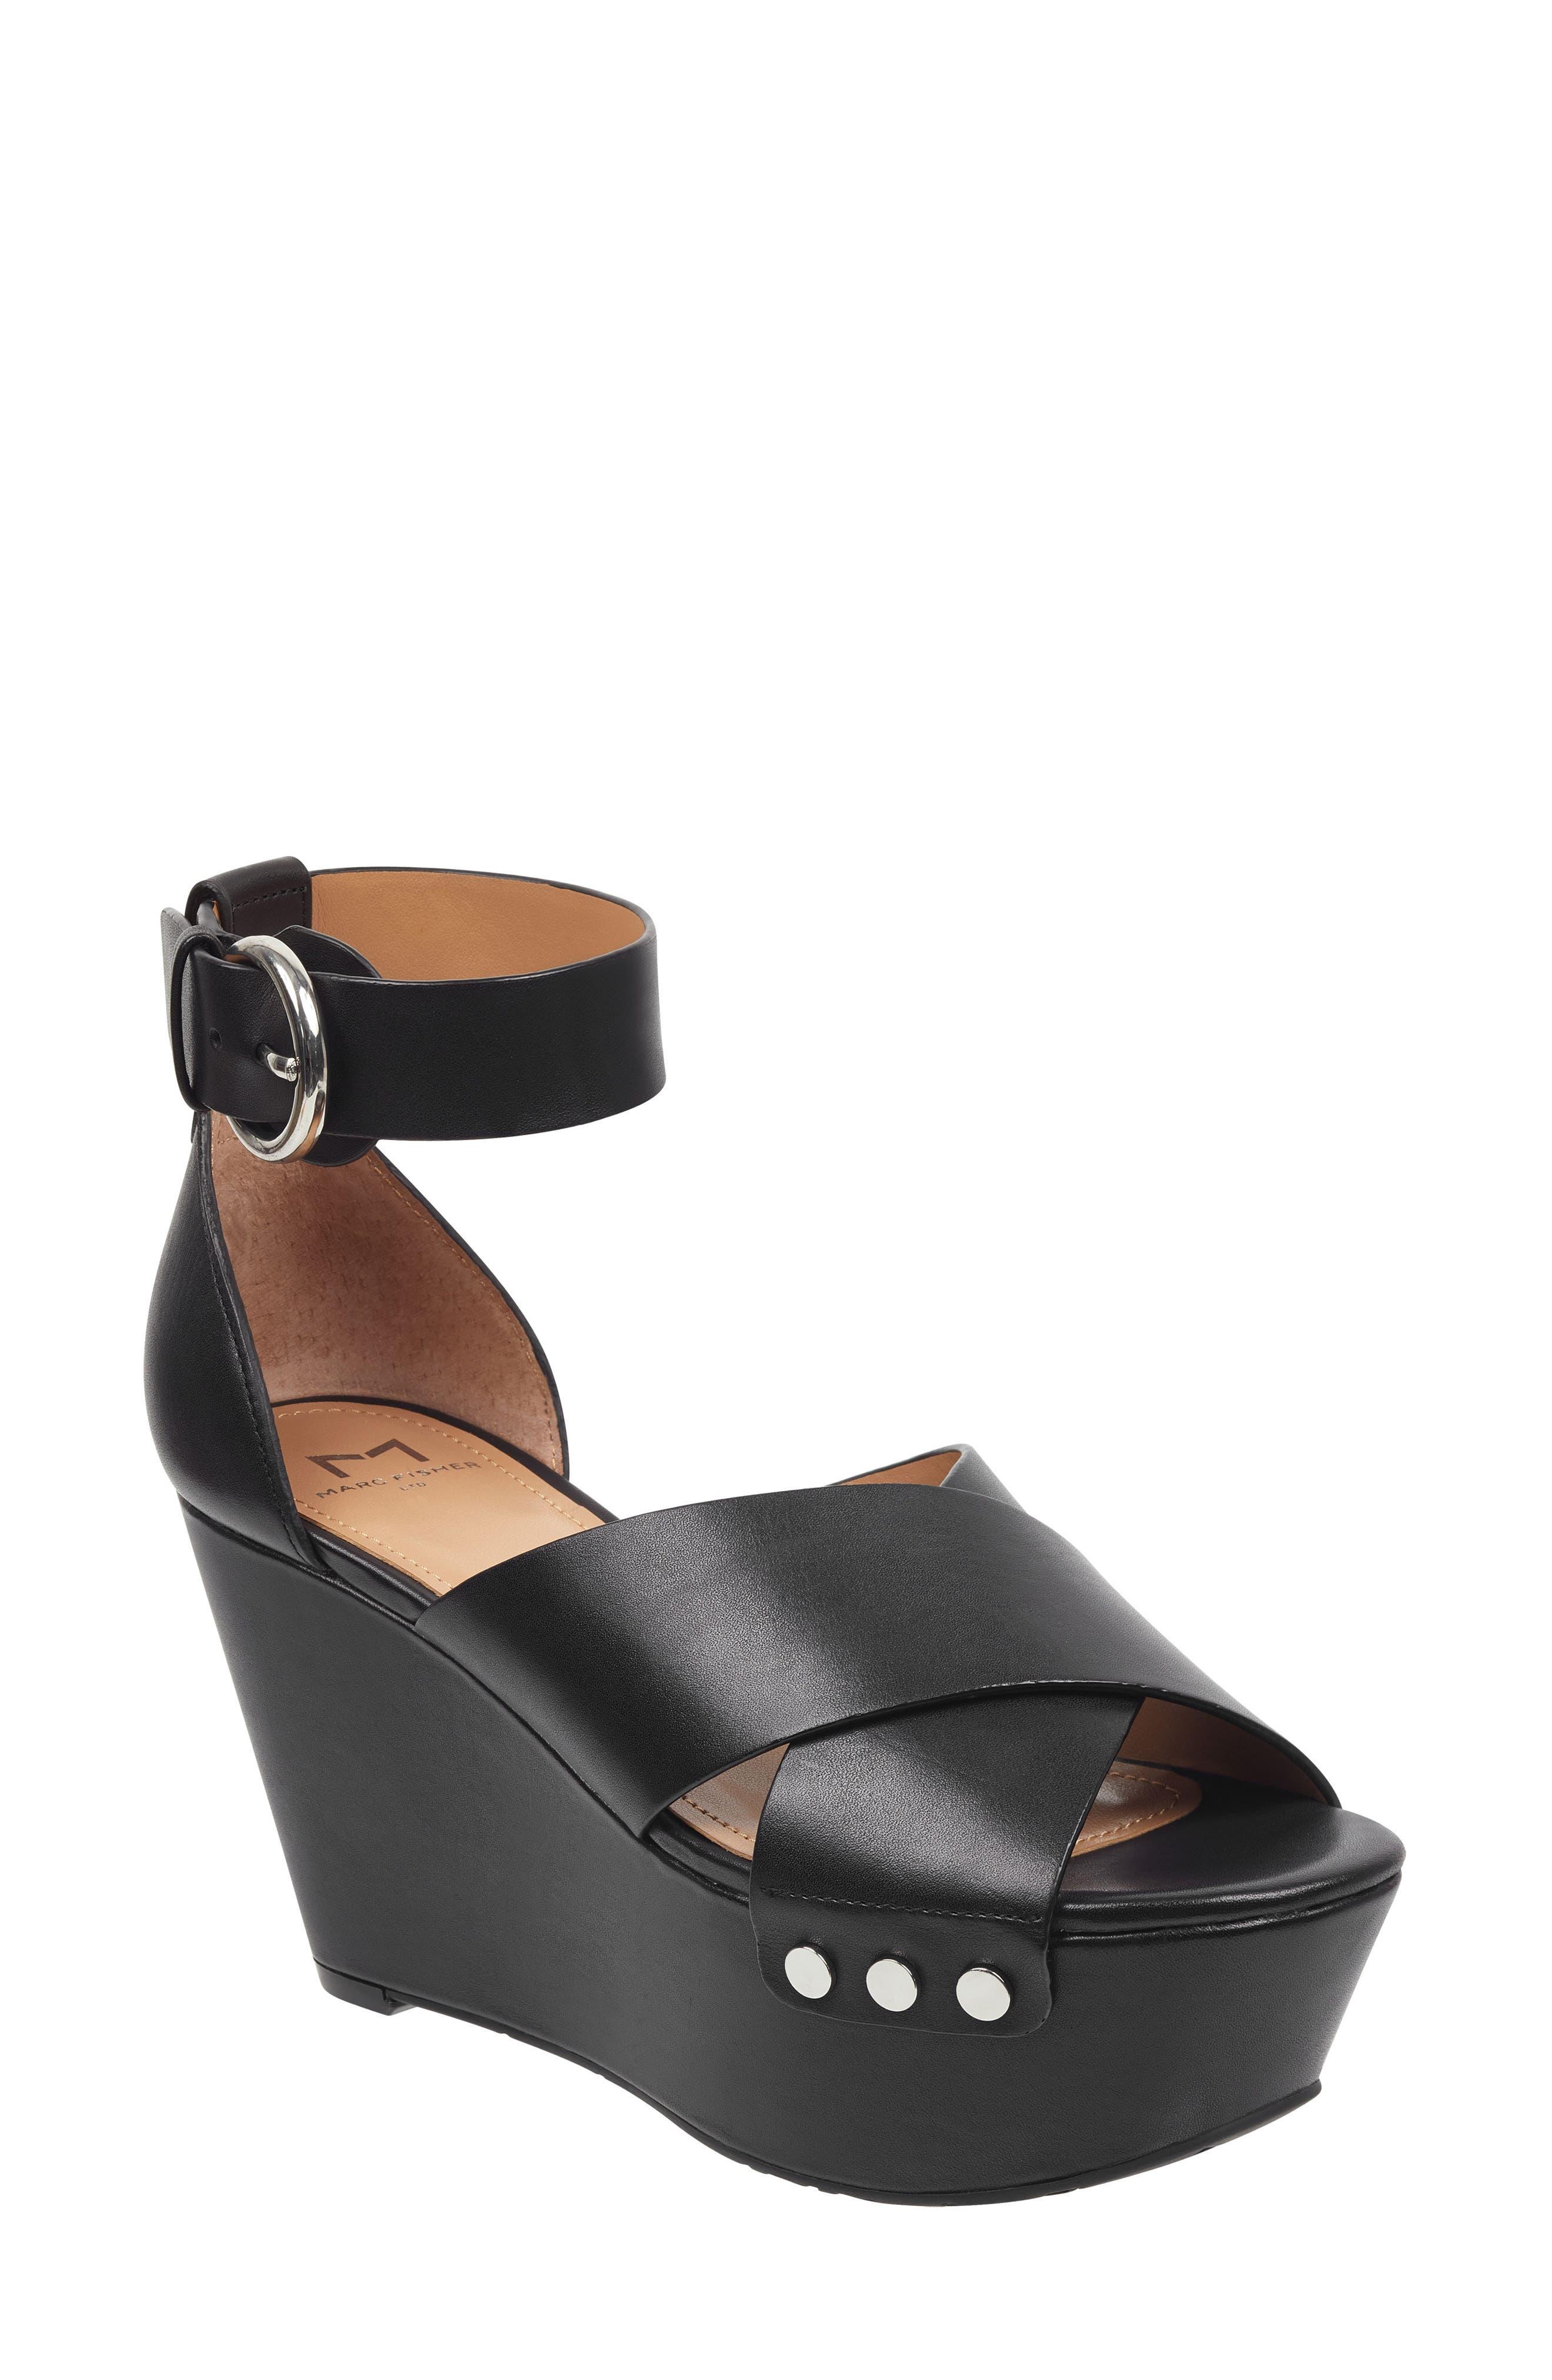 8ca907e5311 Buy marc fisher ltd shoes for women - Best women's marc fisher ltd ...